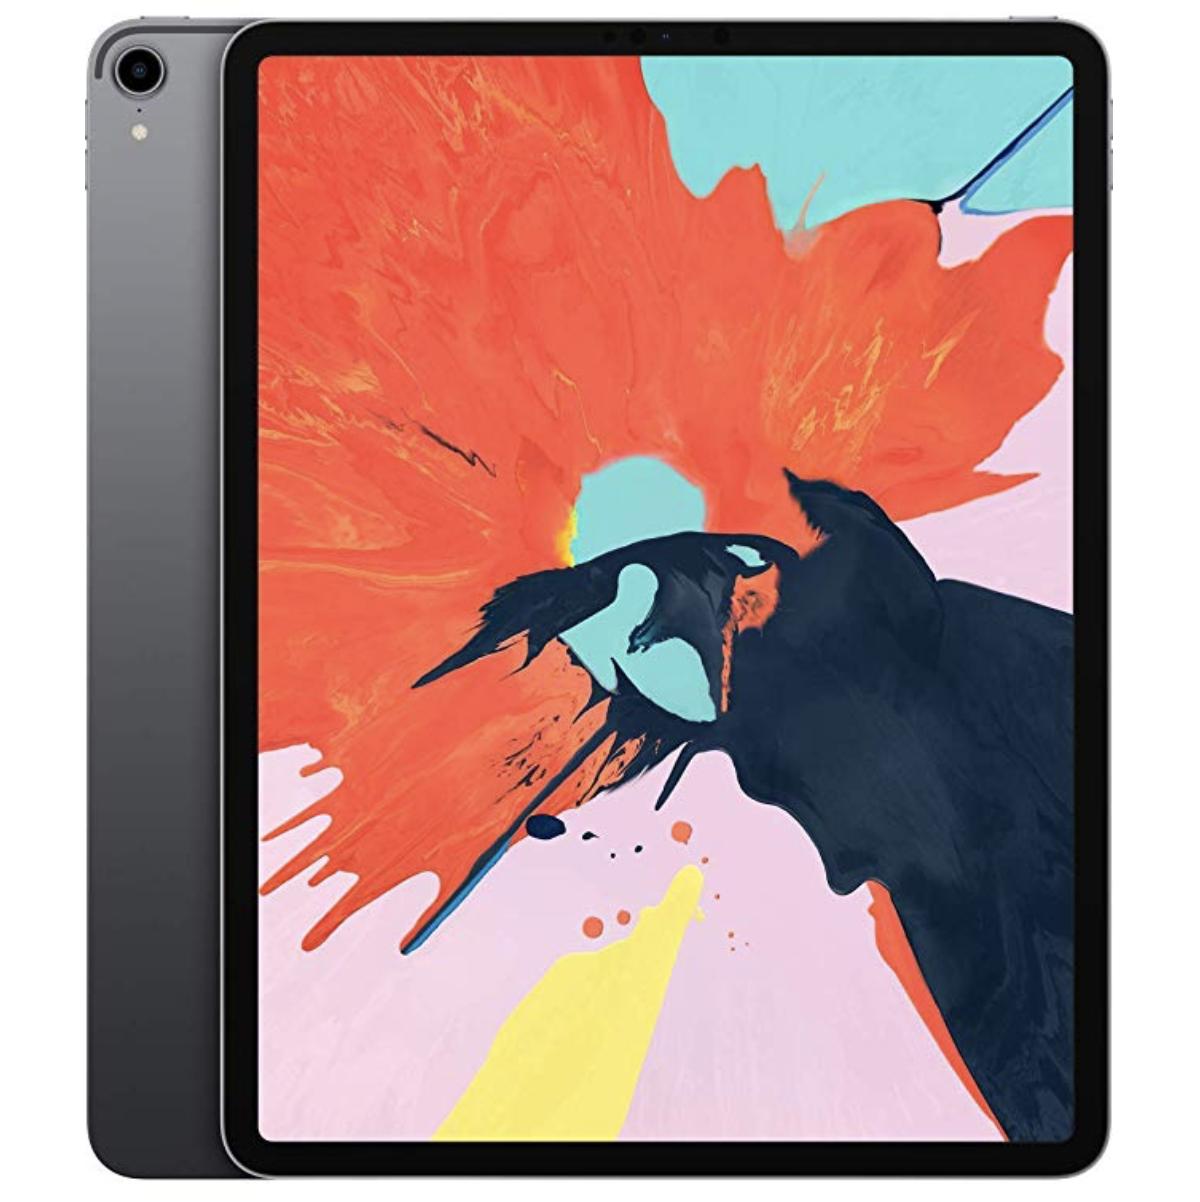 Apple iPad Pro (12.9-inch, Wi-Fi, 512GB) - Space Gray